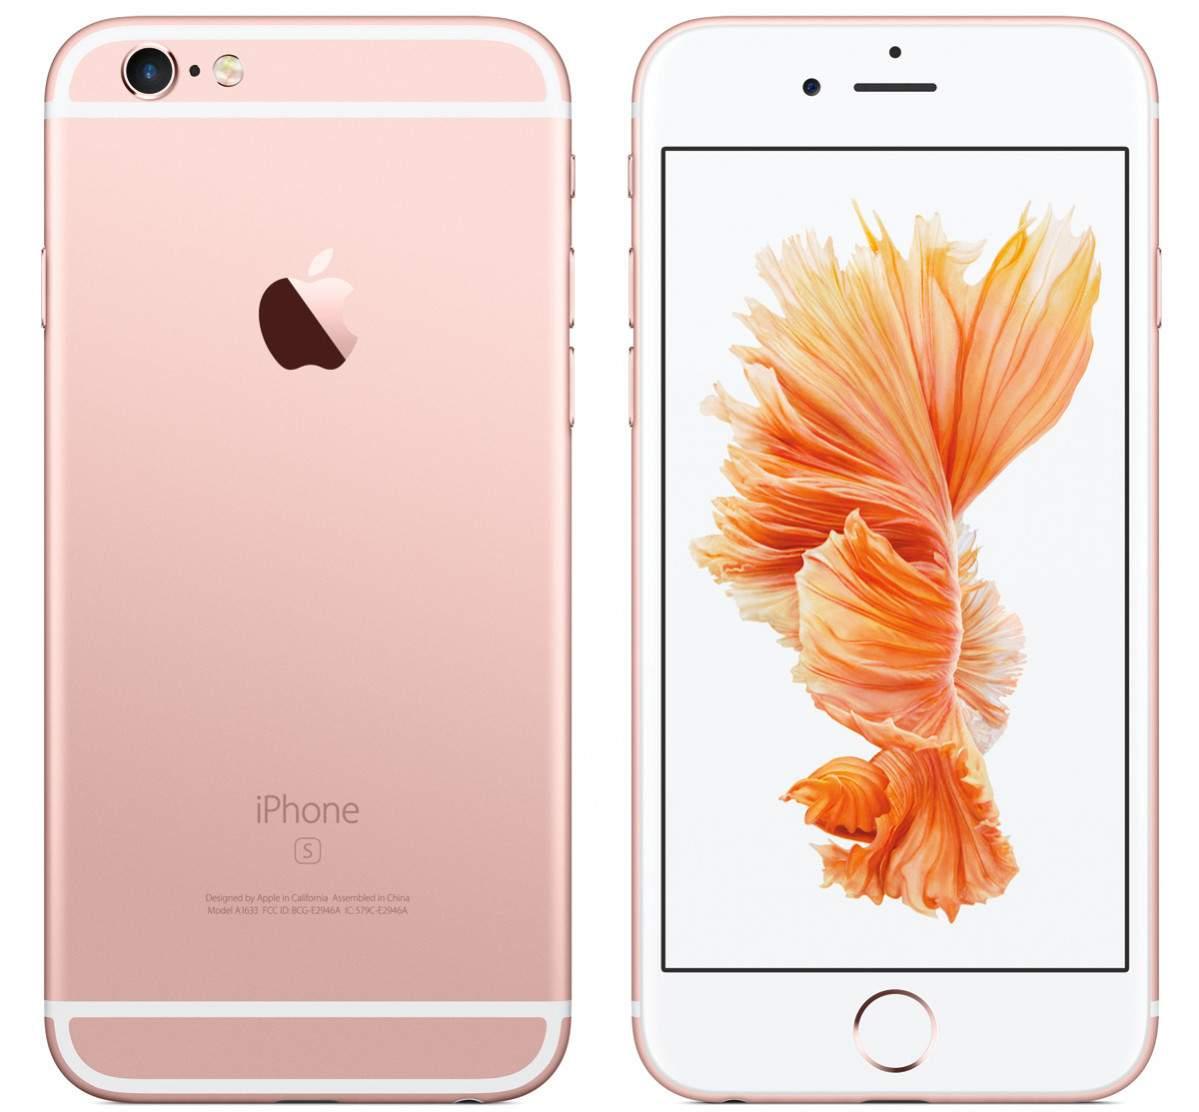 iPhone 2 jutaan terbaik